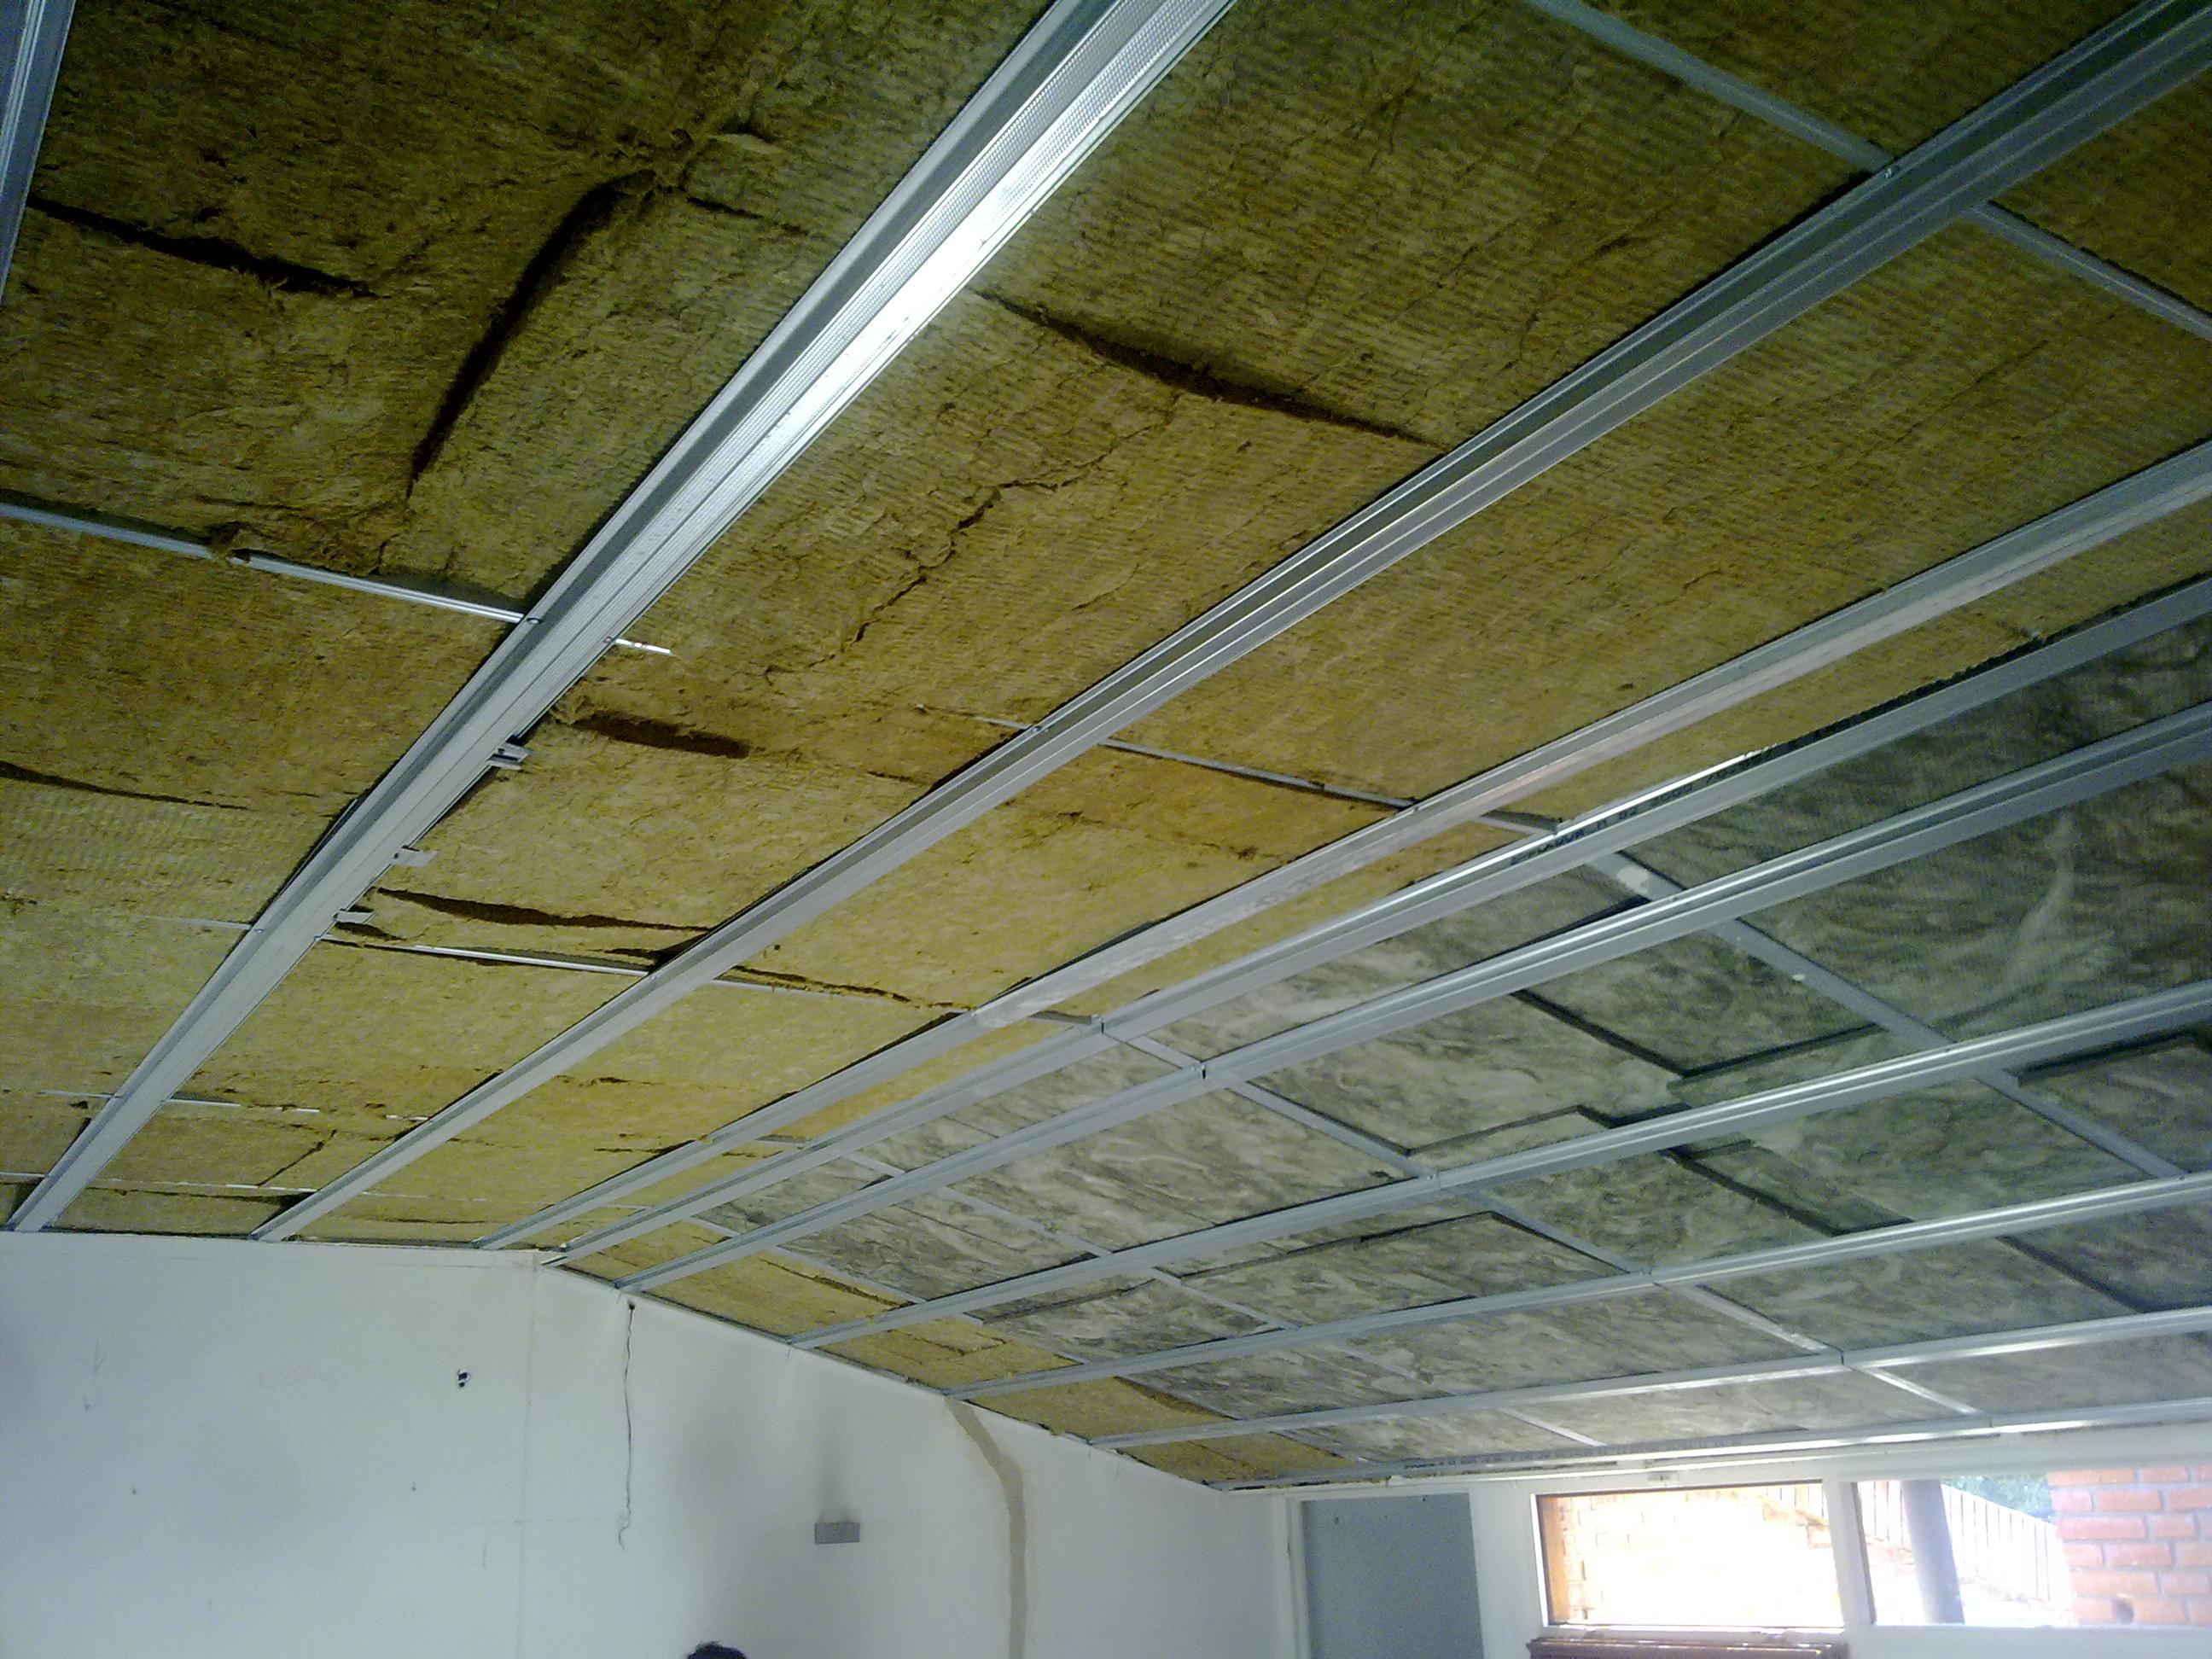 Aislamiento termico in techos for Aislamiento lana de roca